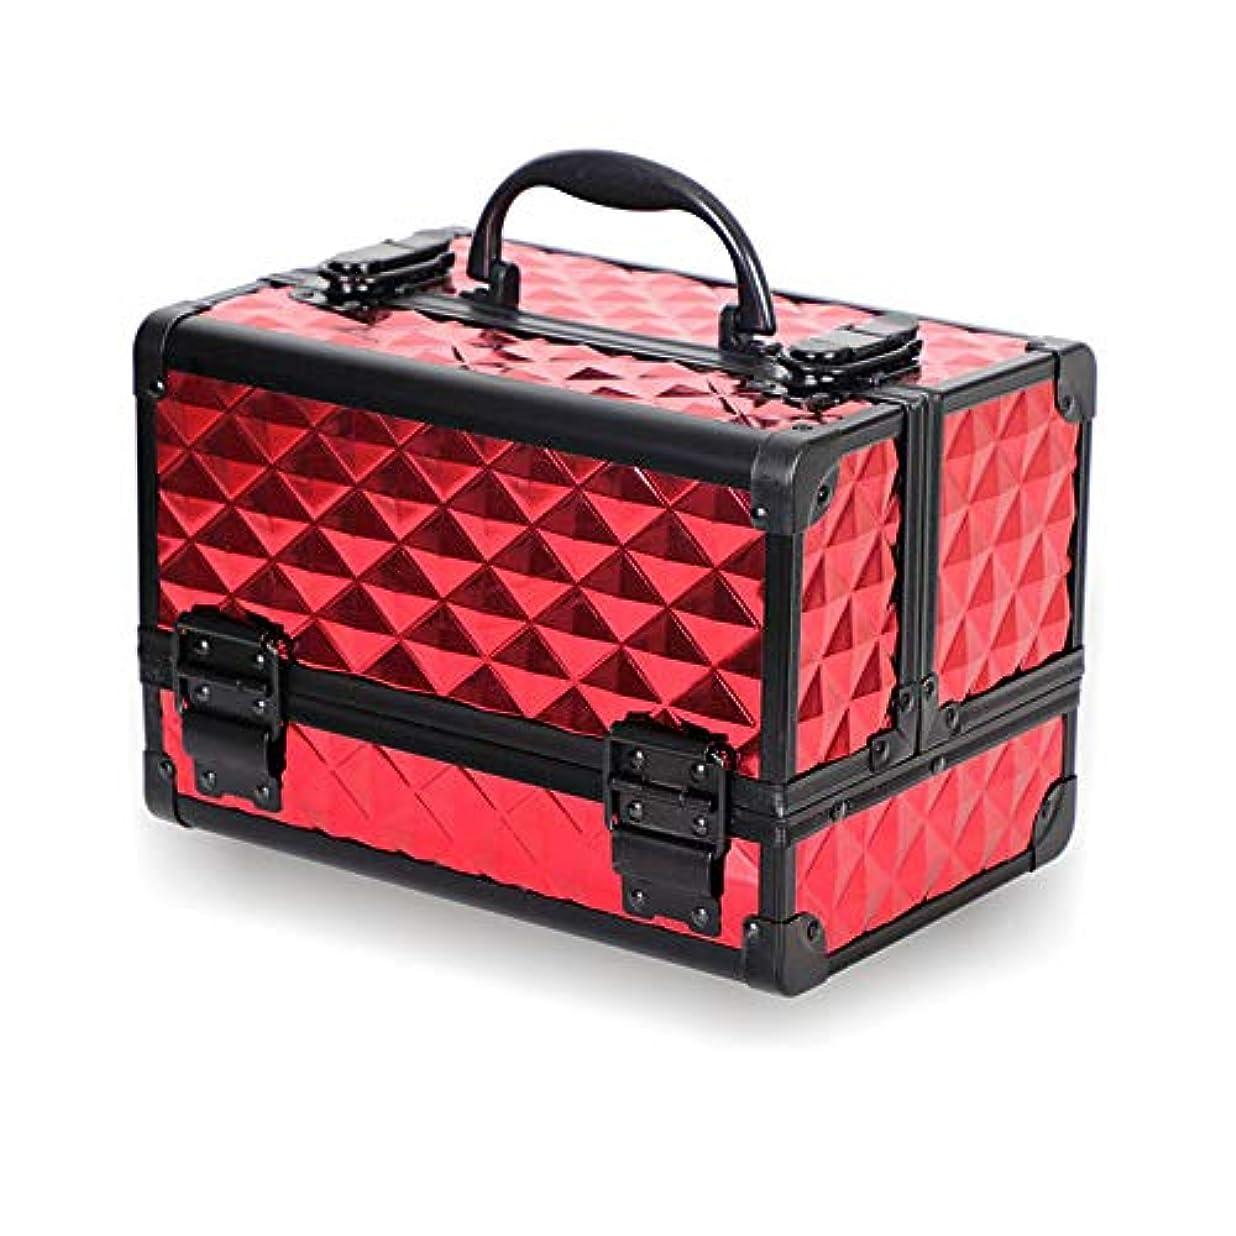 雑種に関してプロペラ特大スペース収納ビューティーボックス 美の構造のためそしてジッパーおよび折る皿が付いている女の子の女性旅行そして毎日の貯蔵のための高容量の携帯用化粧品袋 化粧品化粧台 (色 : 赤)